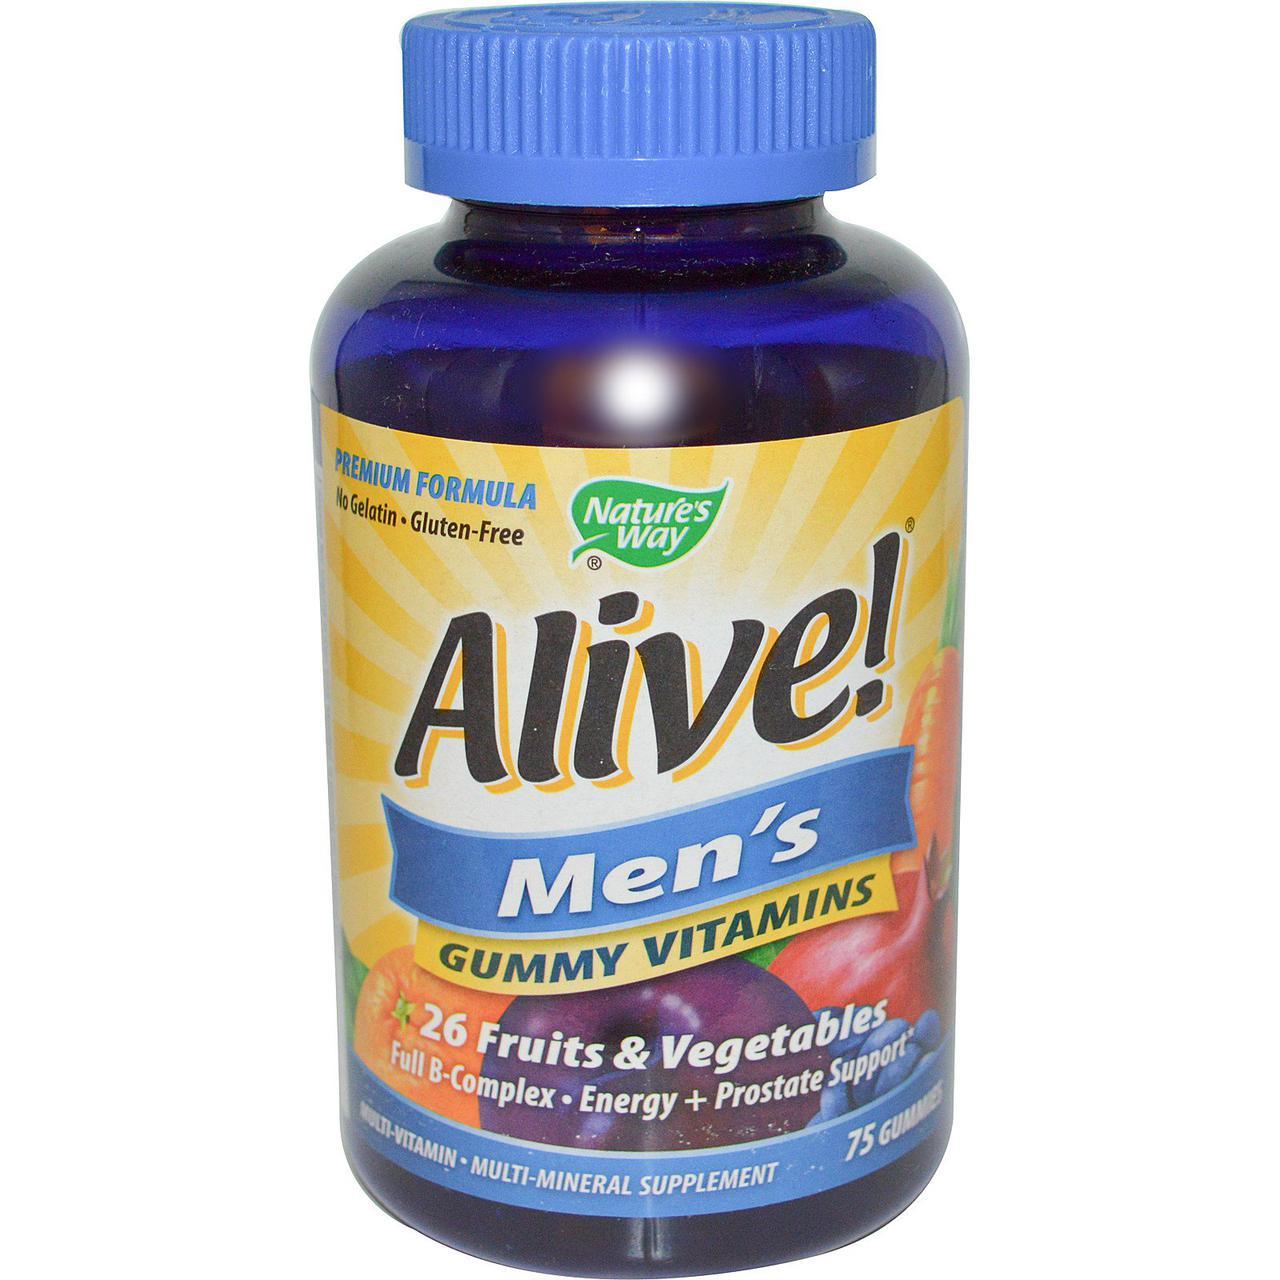 Nature's Way, Alive! Жевательные витамины для мужчин, 75 жевательных мармеладок